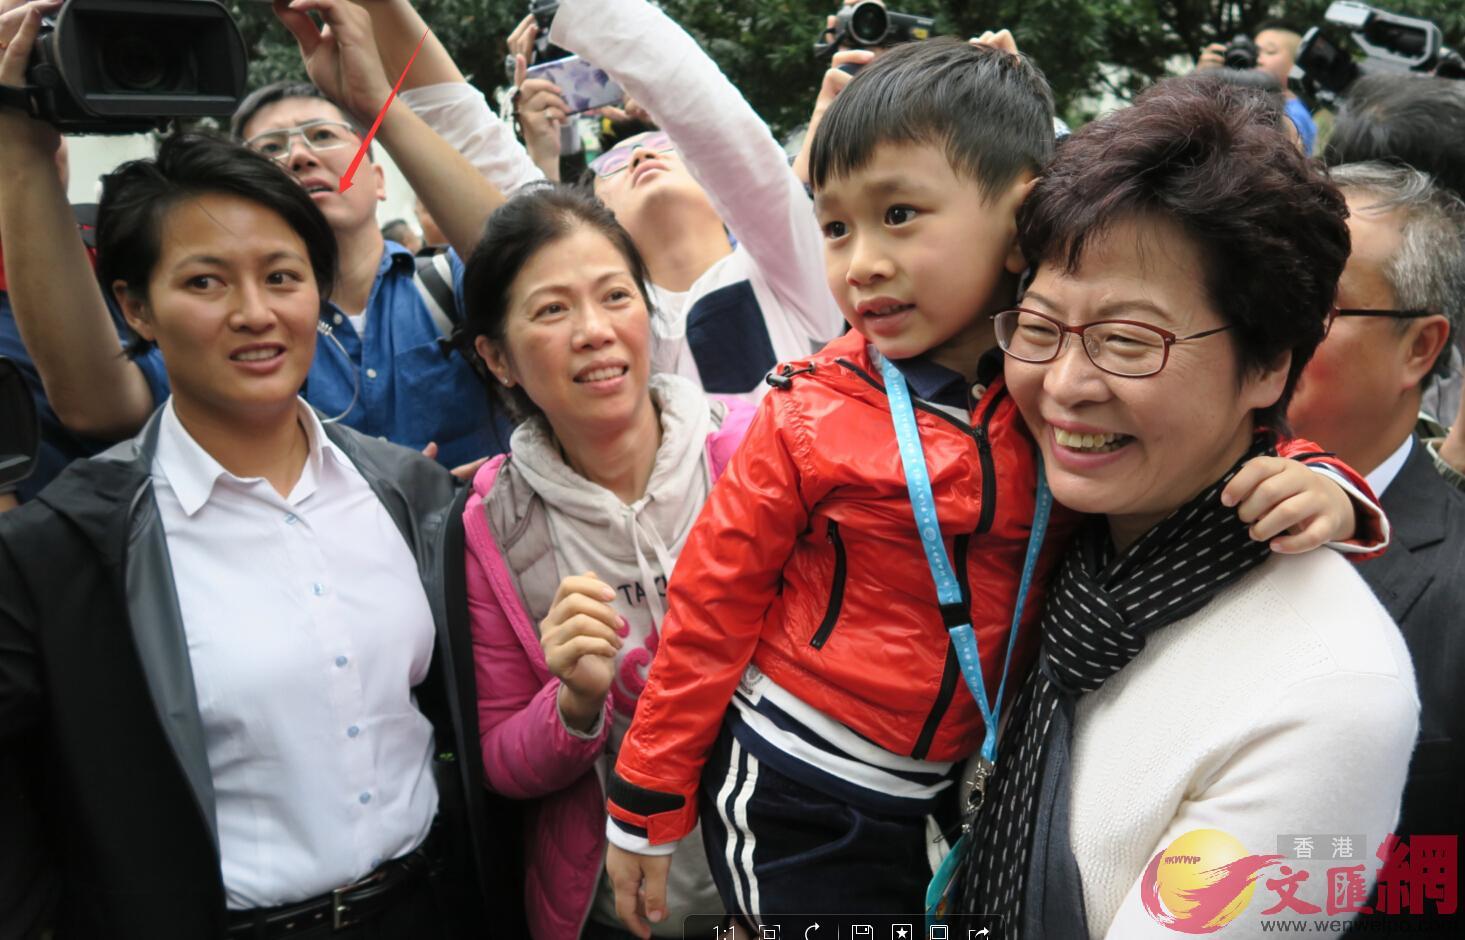 林鄭月娥前日在行政長官選舉中高票大勝,將成為香港首位女特首。尋日馬不停蹄落區見市民。